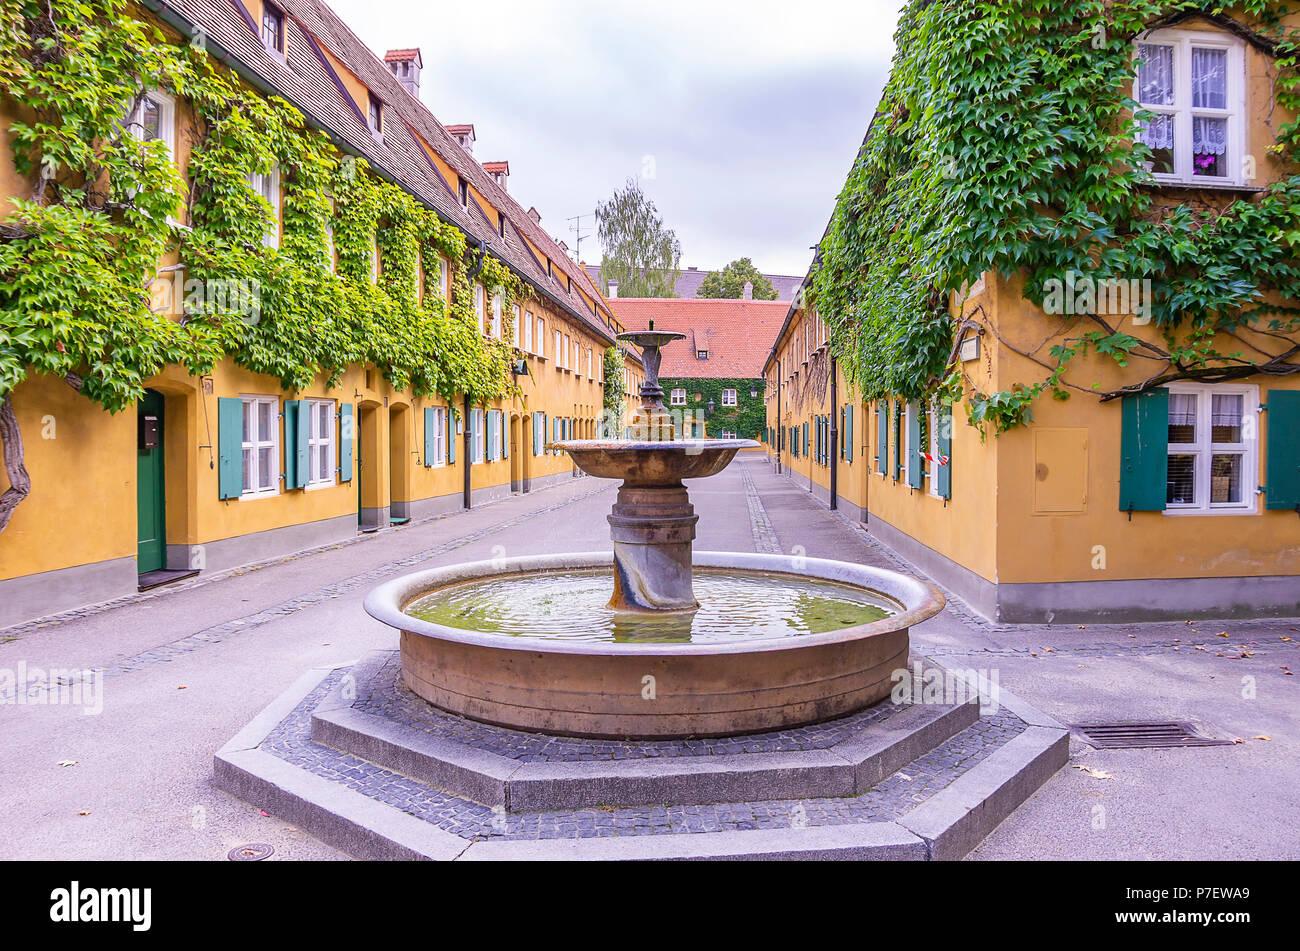 Augsburg, Bayern, Deutschland - 10. September 2015: Brunnen in der Herrengasse Gasse in die Fuggerei sozialen Wohnungsbau. Stockfoto